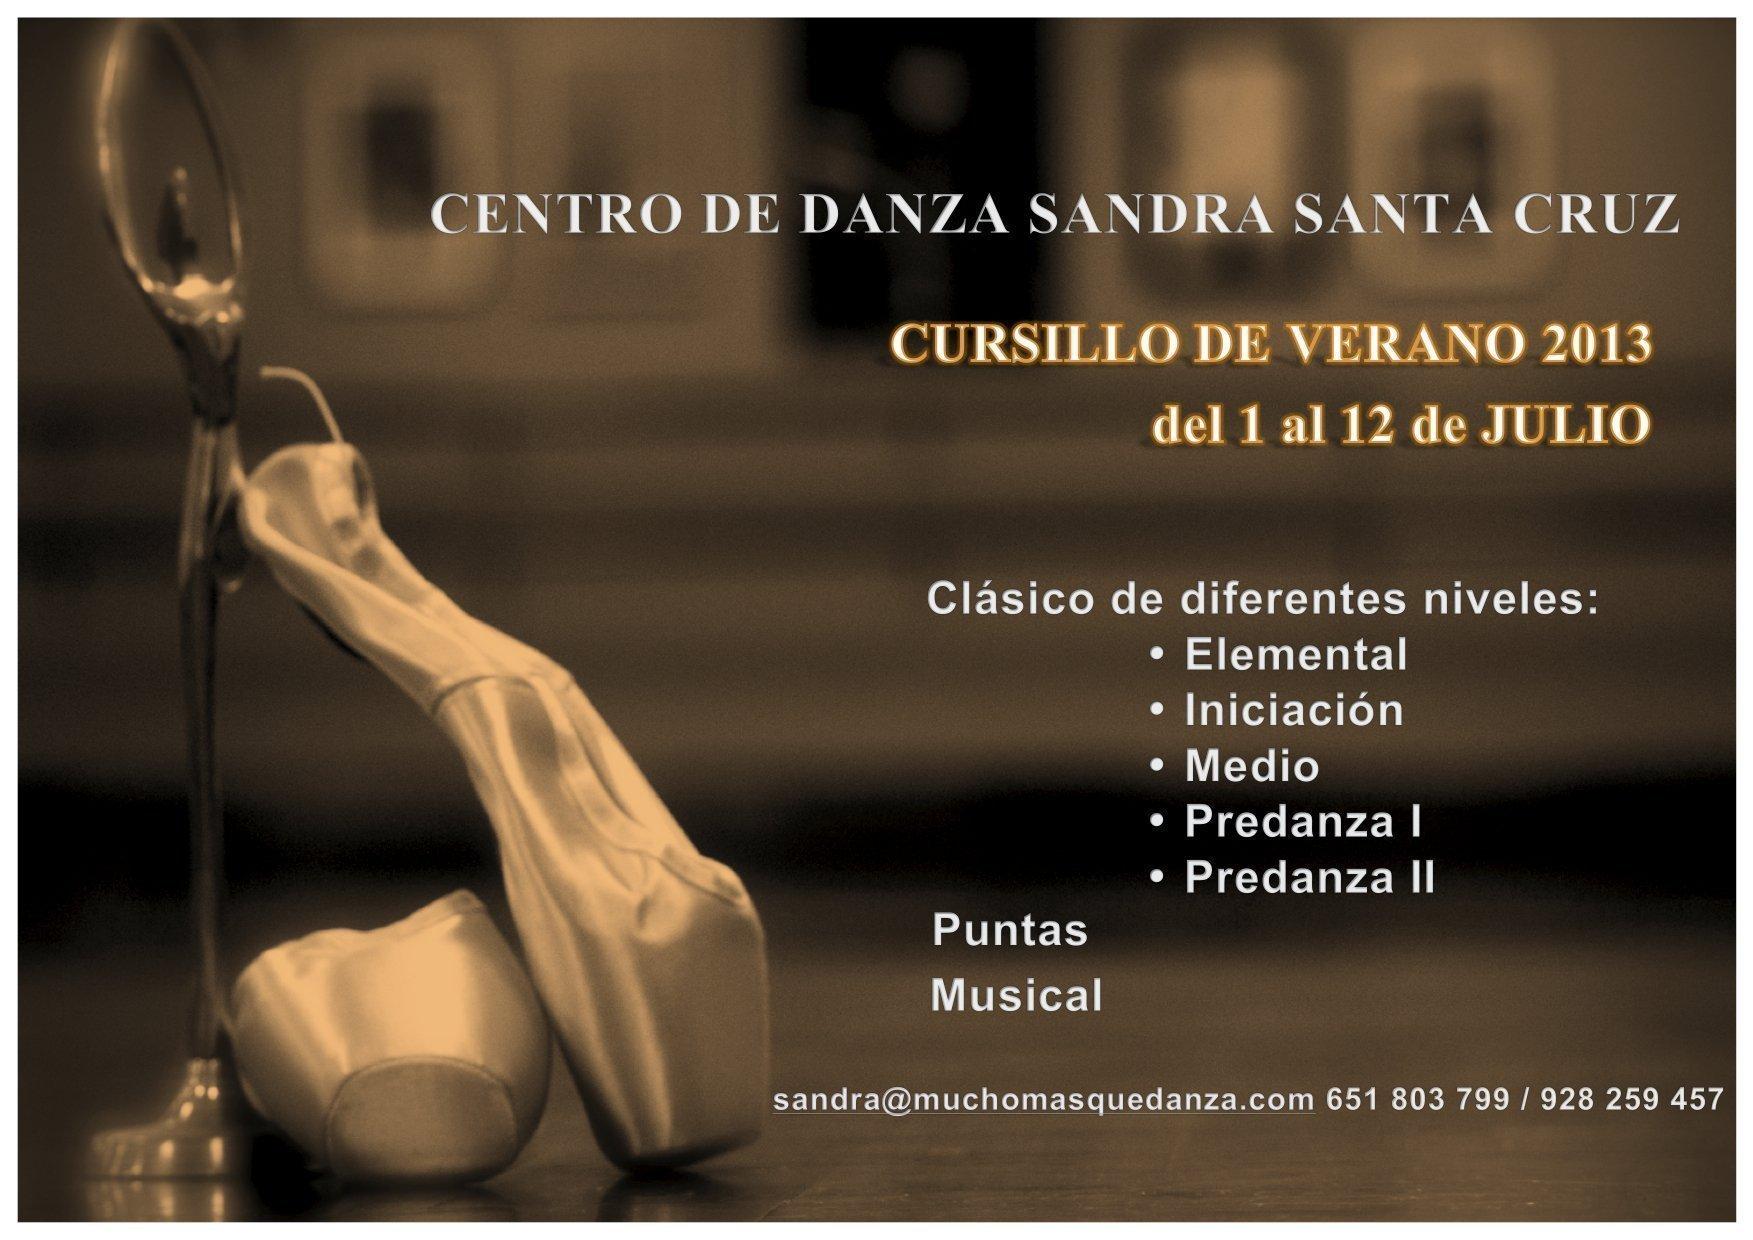 Cartel verano 2013 del Centro de Danza Sandra Santa Cruz